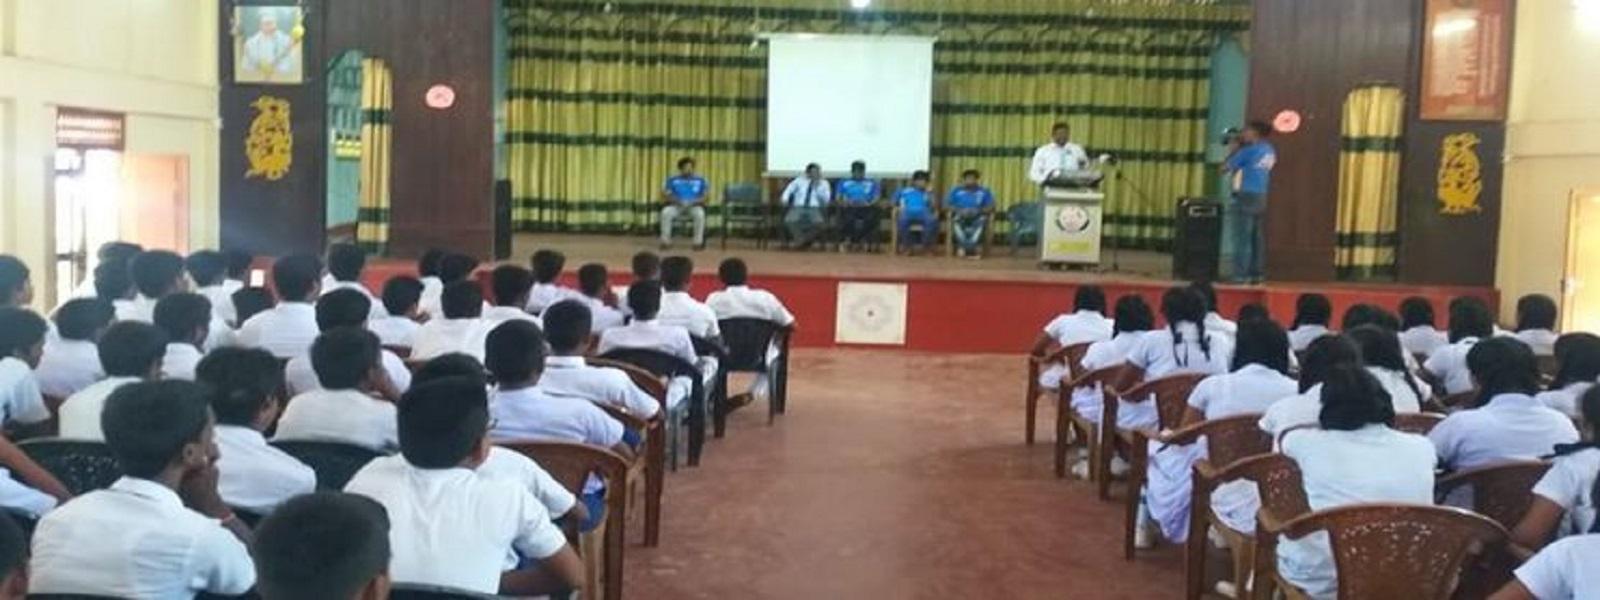 இரத்தினபுரி, யாழ்ப்பாணத்தில் இலட்சிய வரம் – 2019 செயற்றிட்டம்